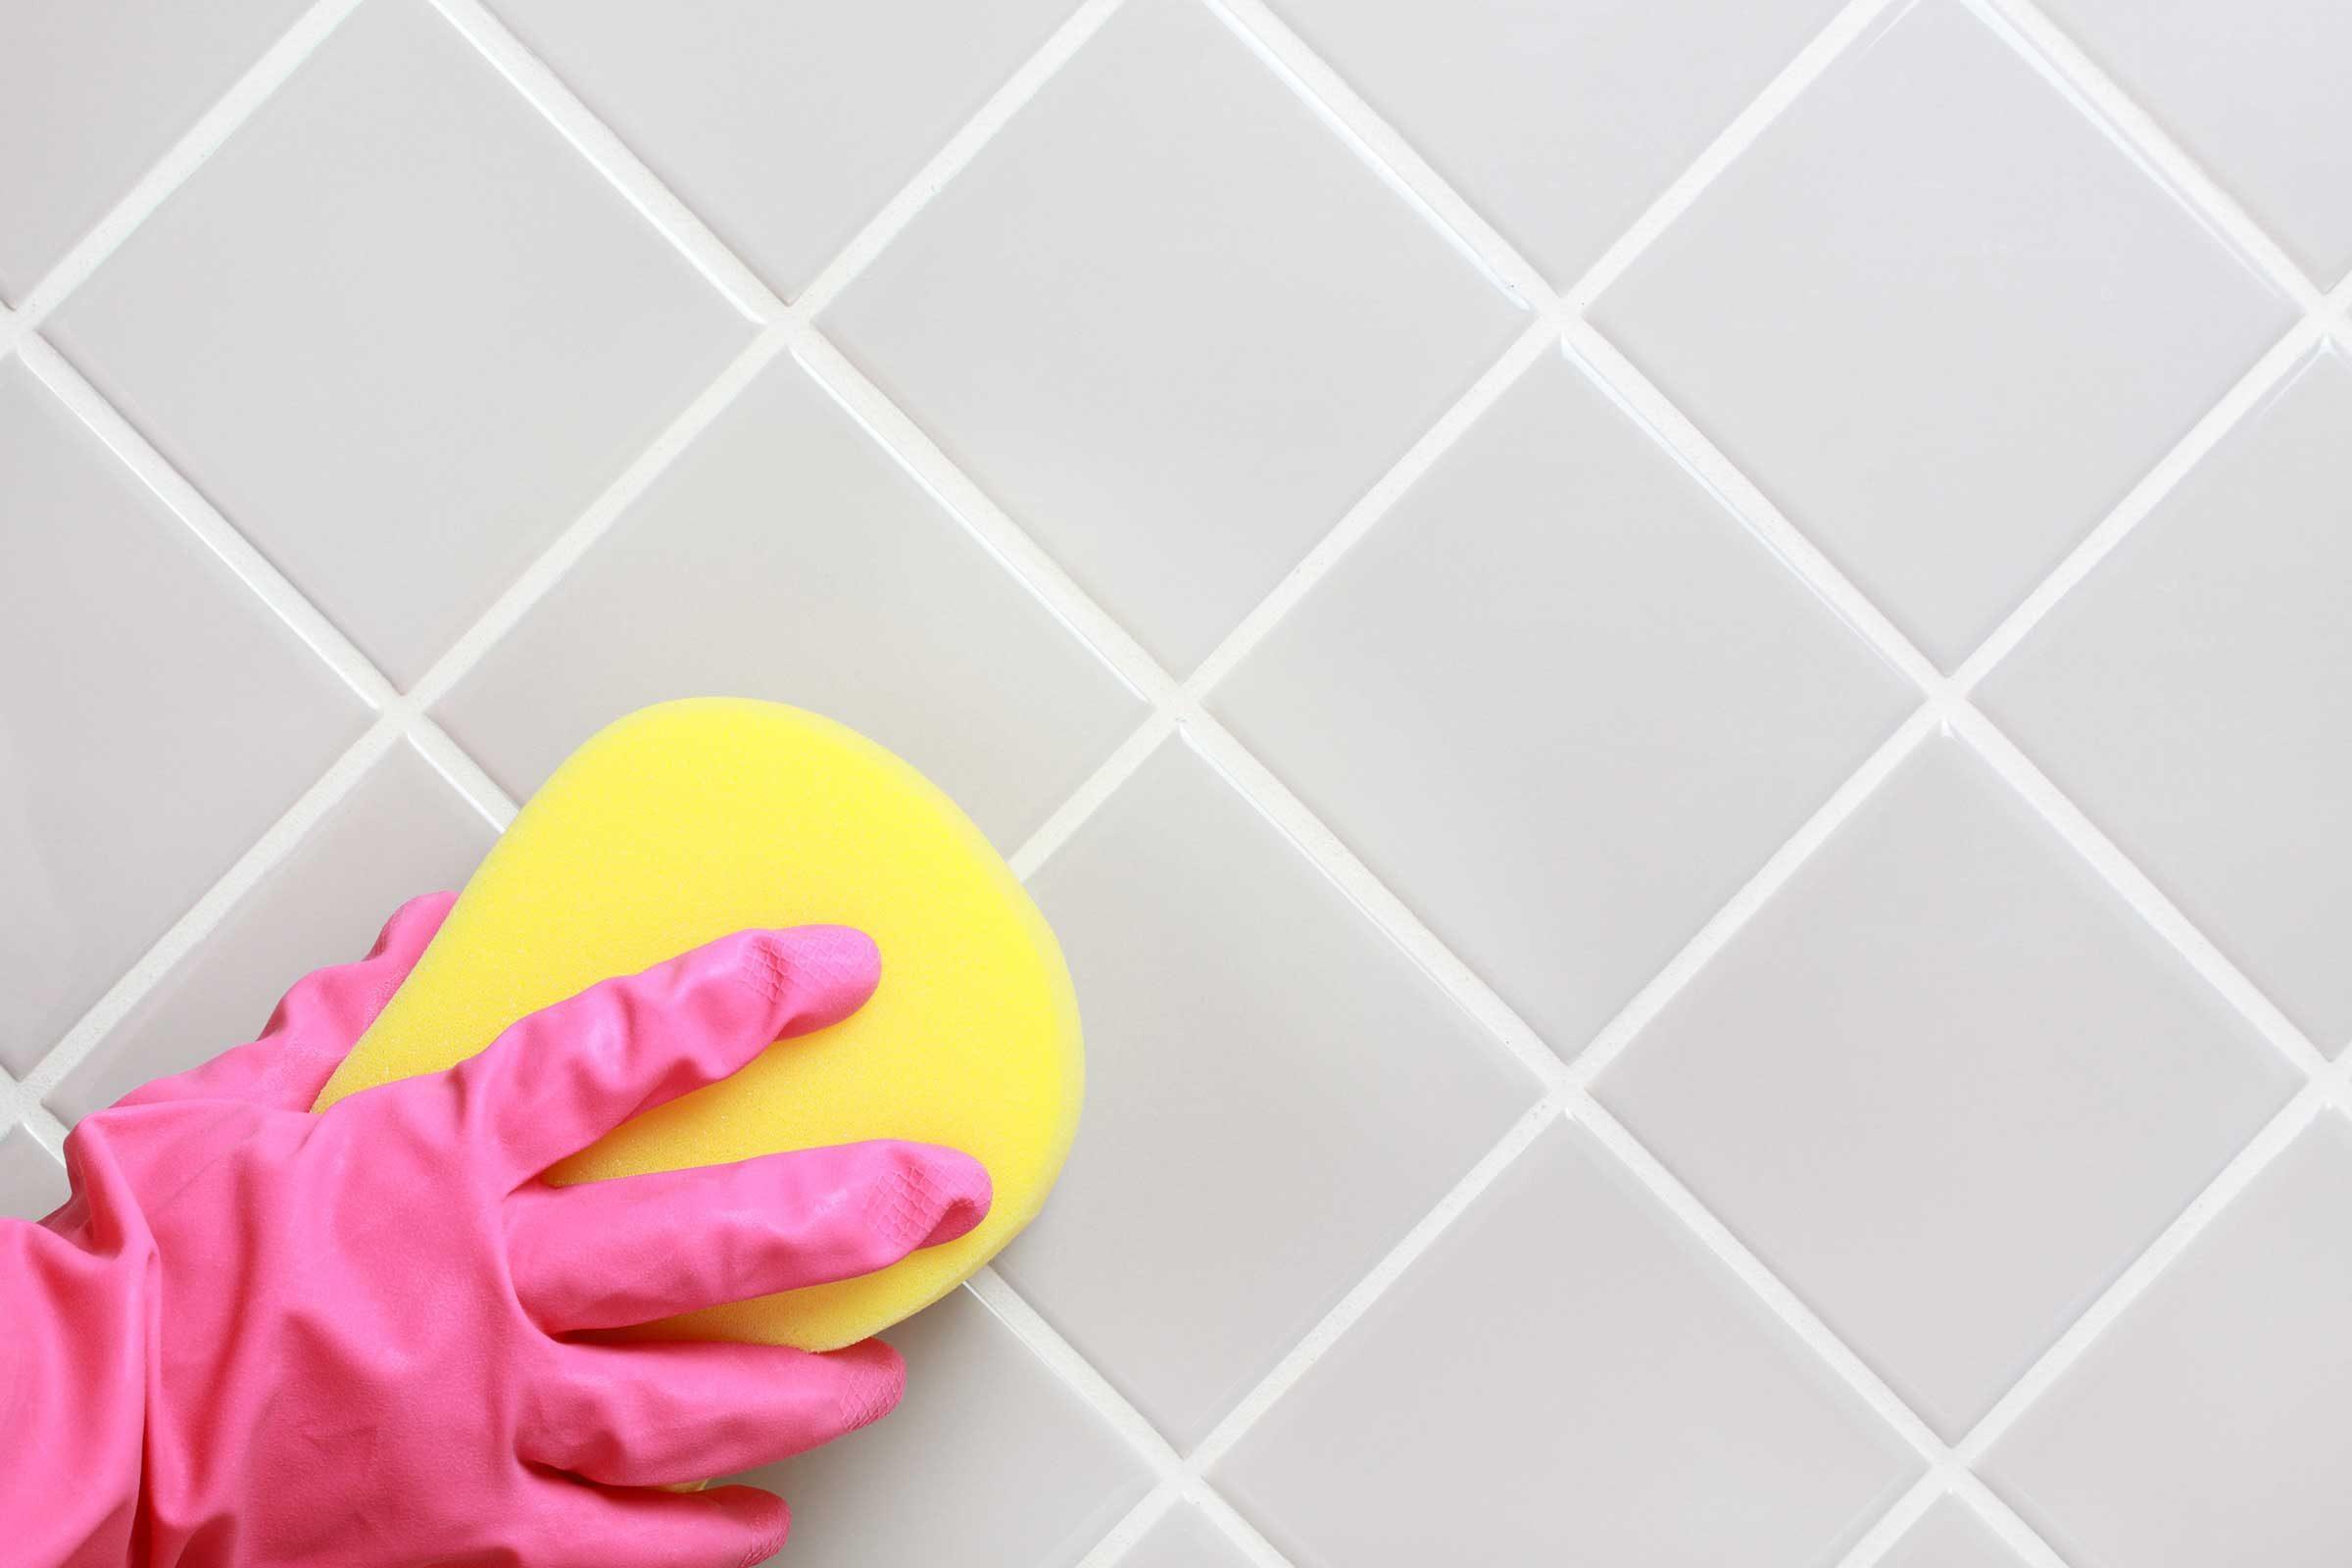 Le vinaigre et le bicarbonate de soude nettoient la salle de bain.